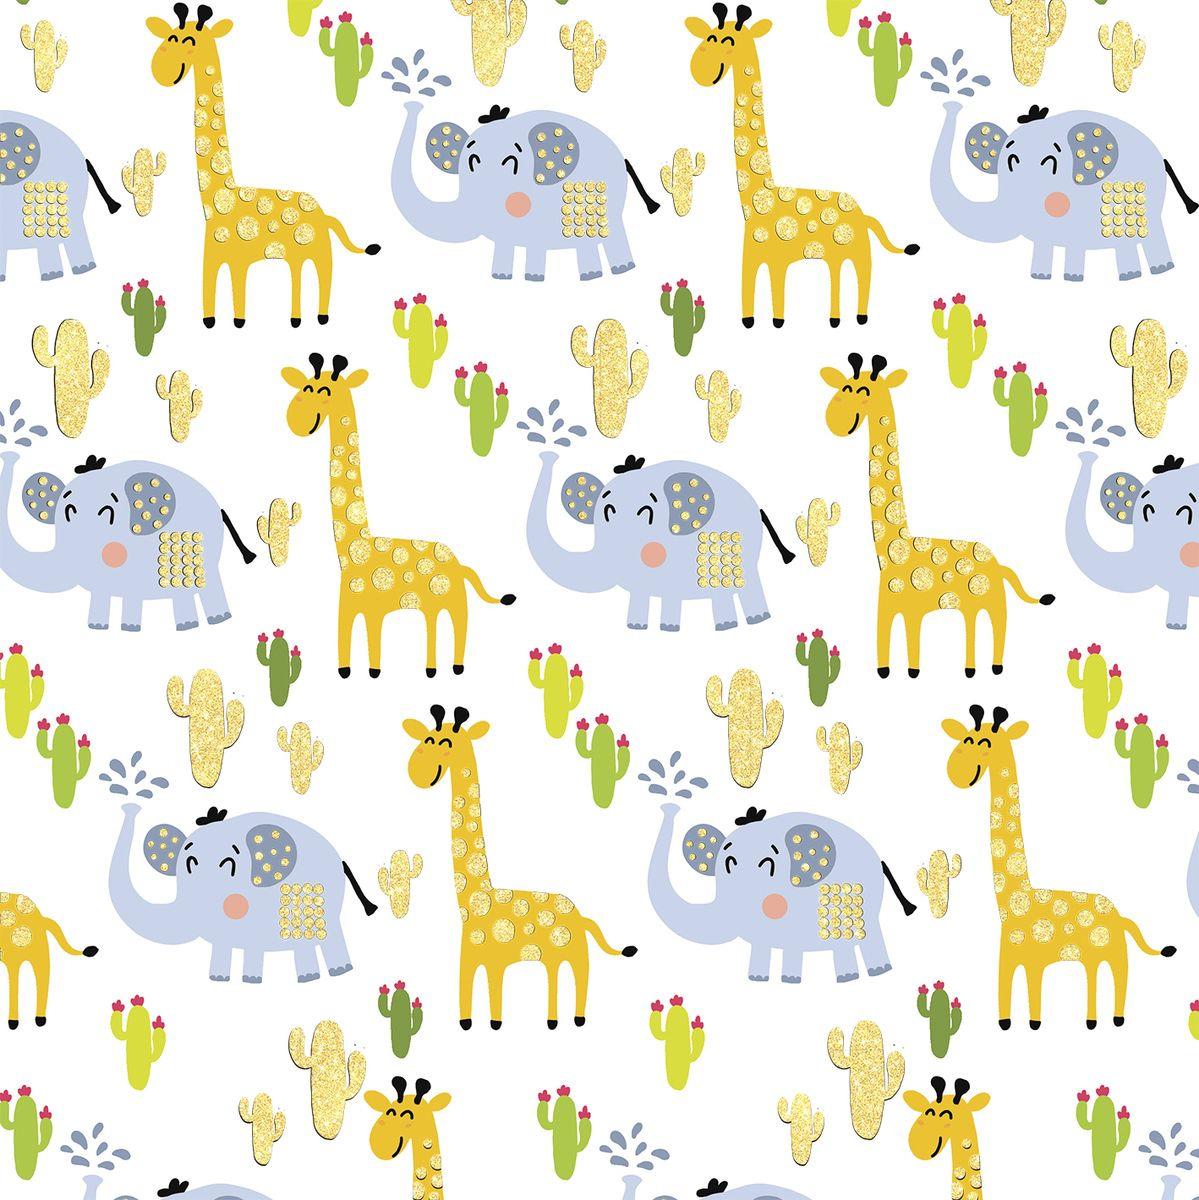 Упаковочная бумага Magic Home Жираф и слон, 79466, мультиколор, 100 х 70 см